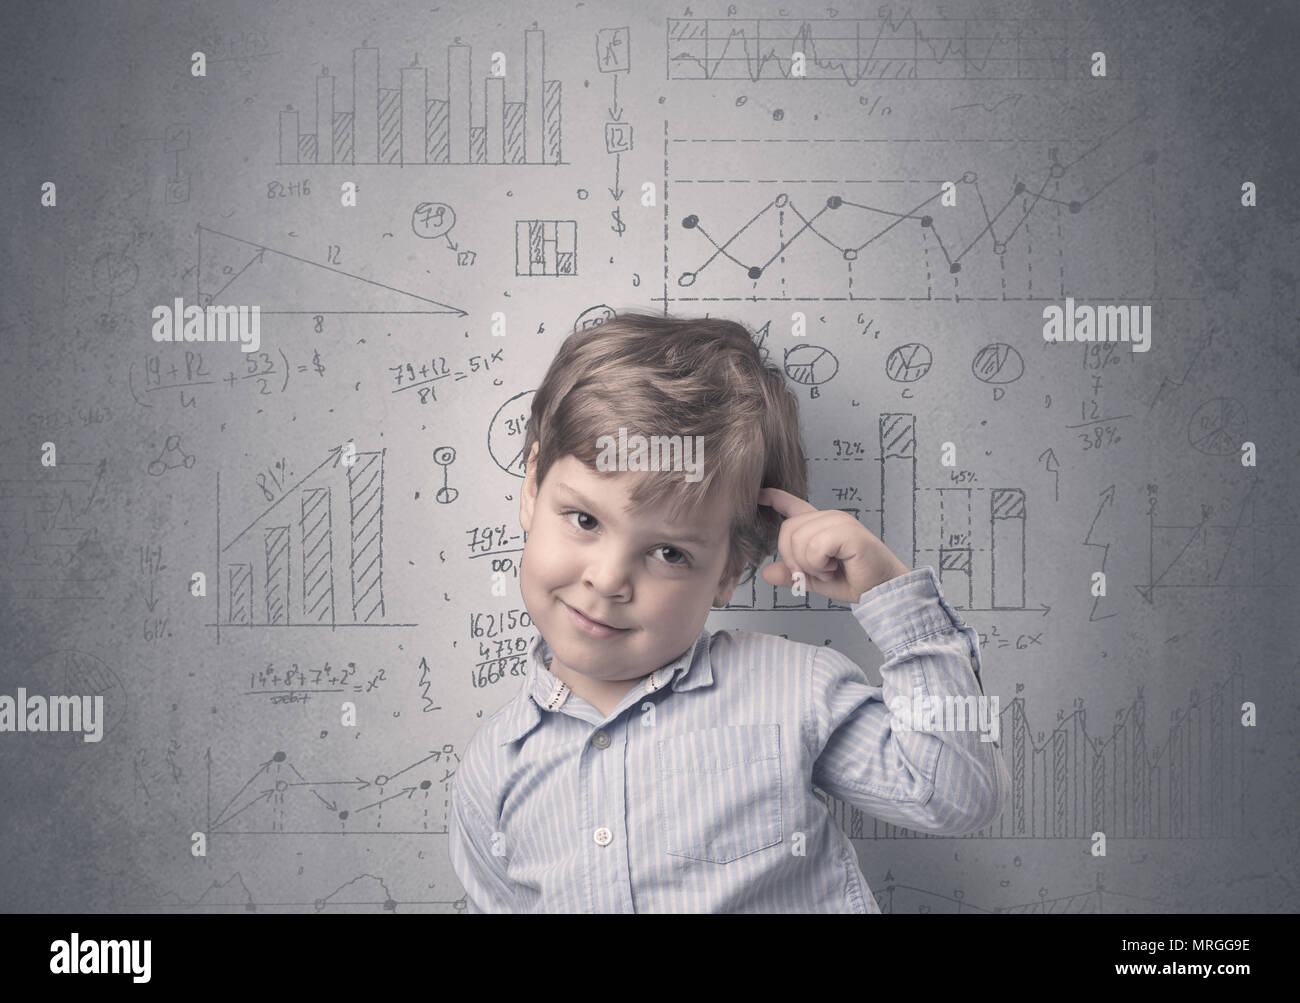 Kleiner Junge vor einer grauen Wand mit Graphiken und Statistiken um Stockbild